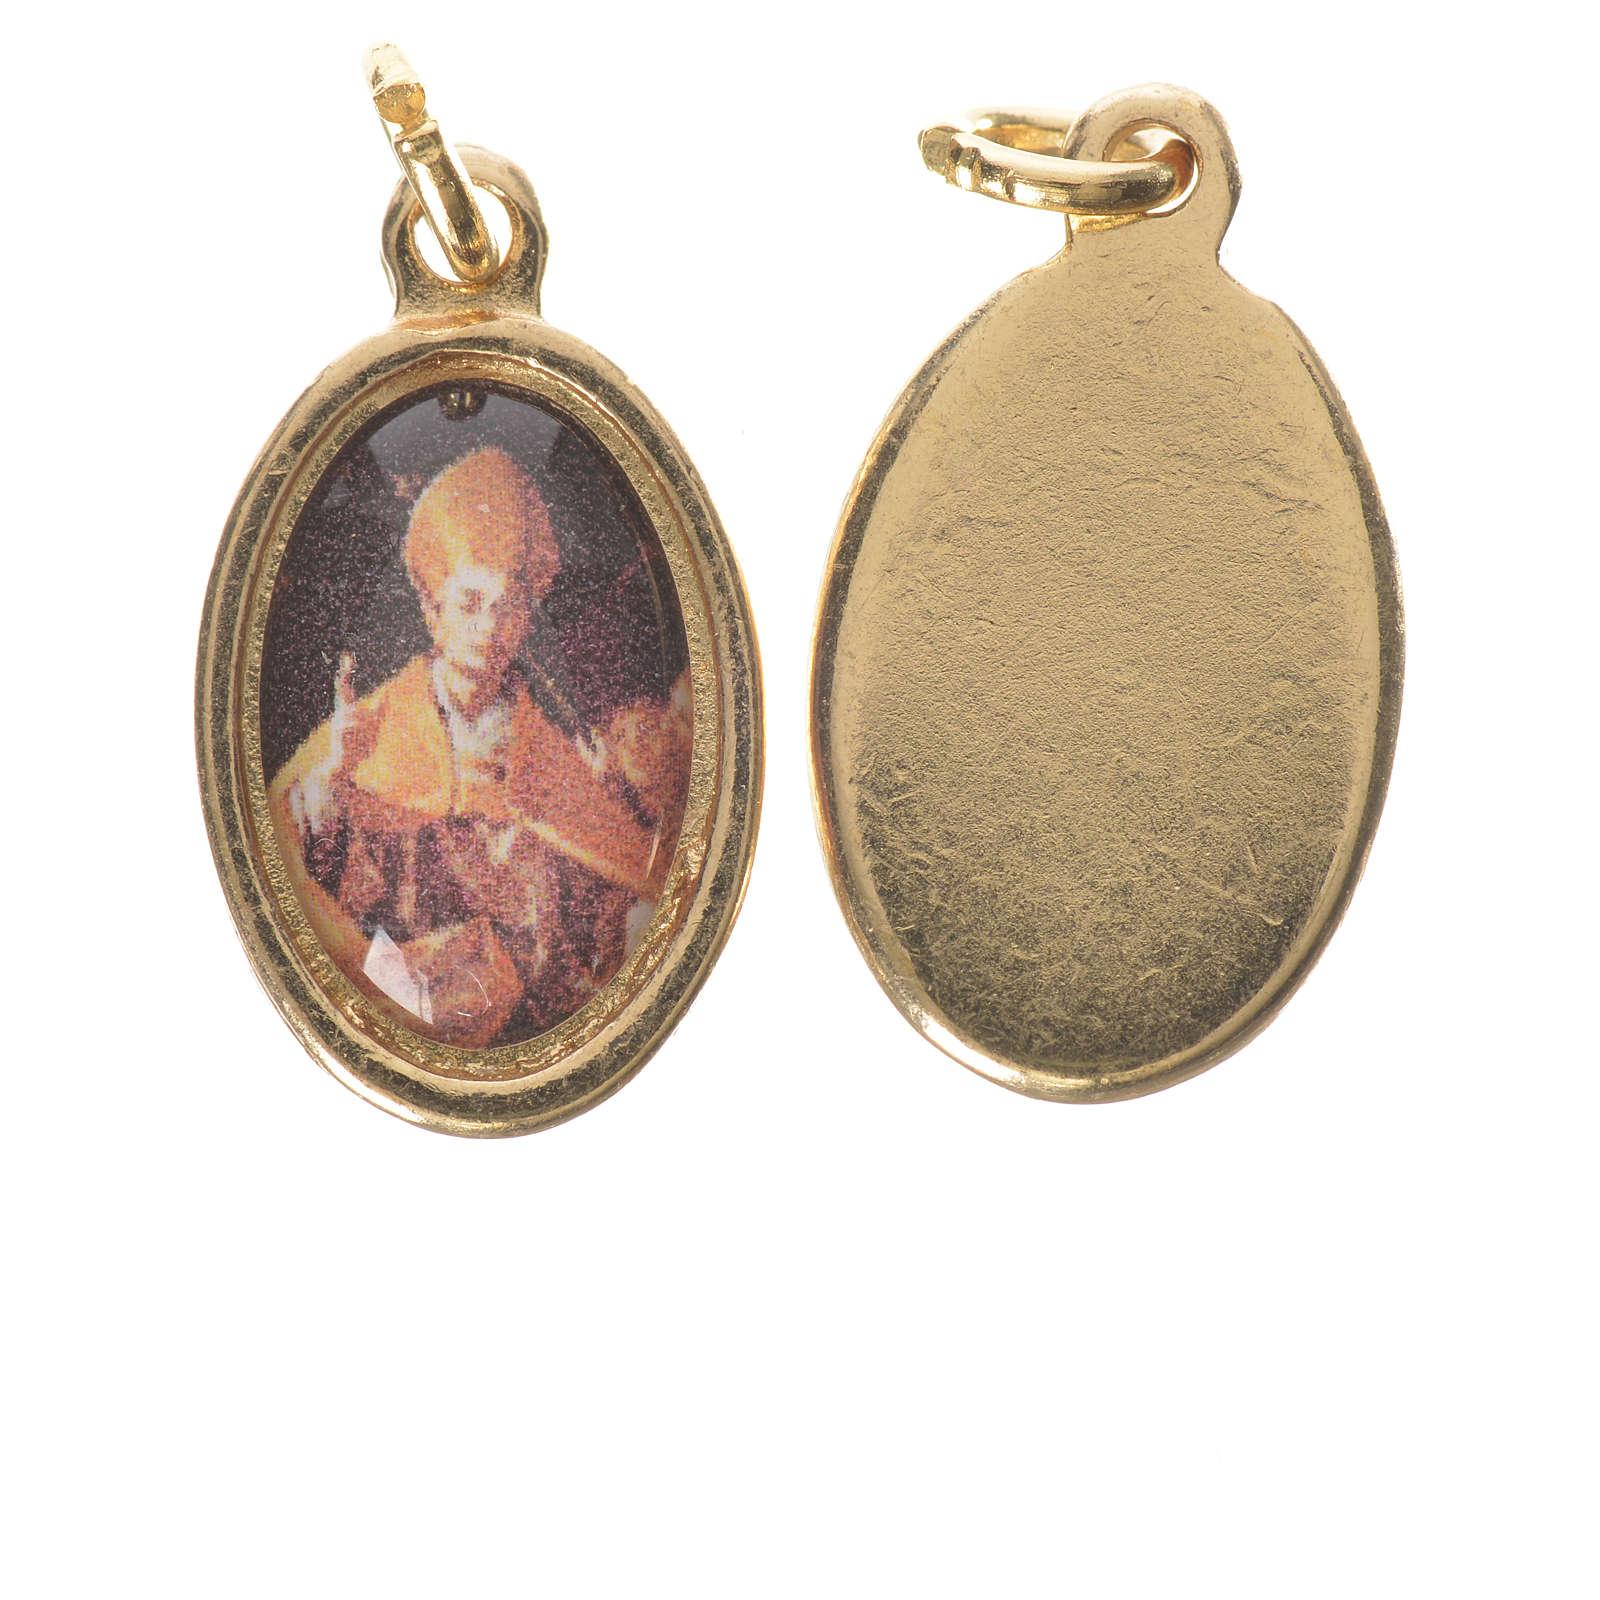 Medaglia  S. Carlo Borromeo metallo dorato altezza 1,5cm 4